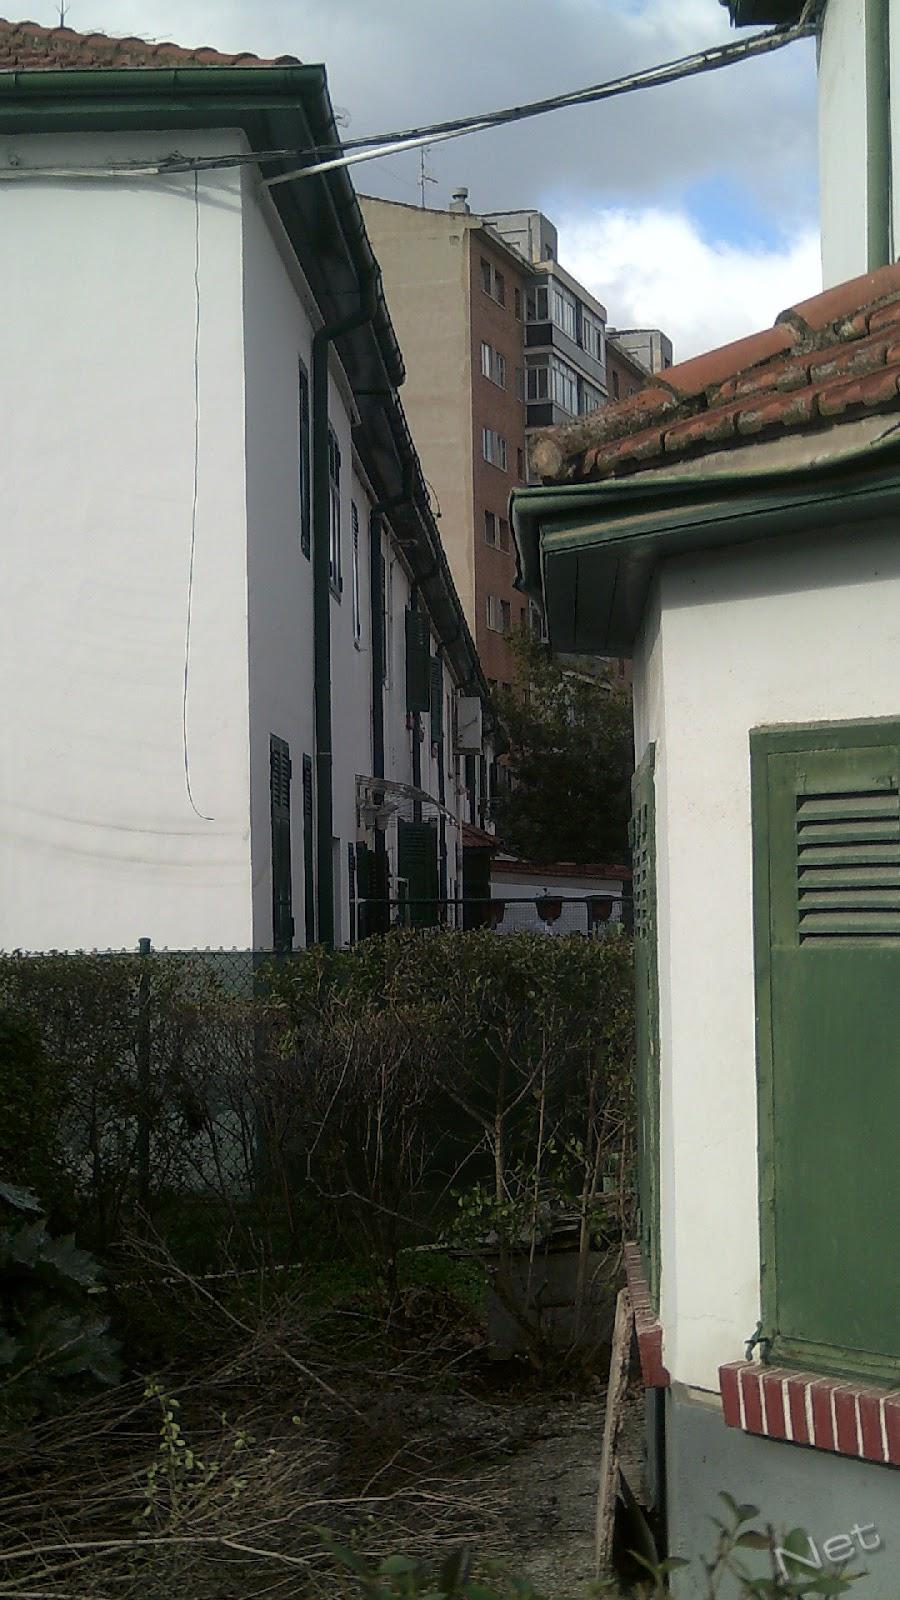 Mi ciudad en fotos logro o las casas baratas - Construccion casas baratas ...